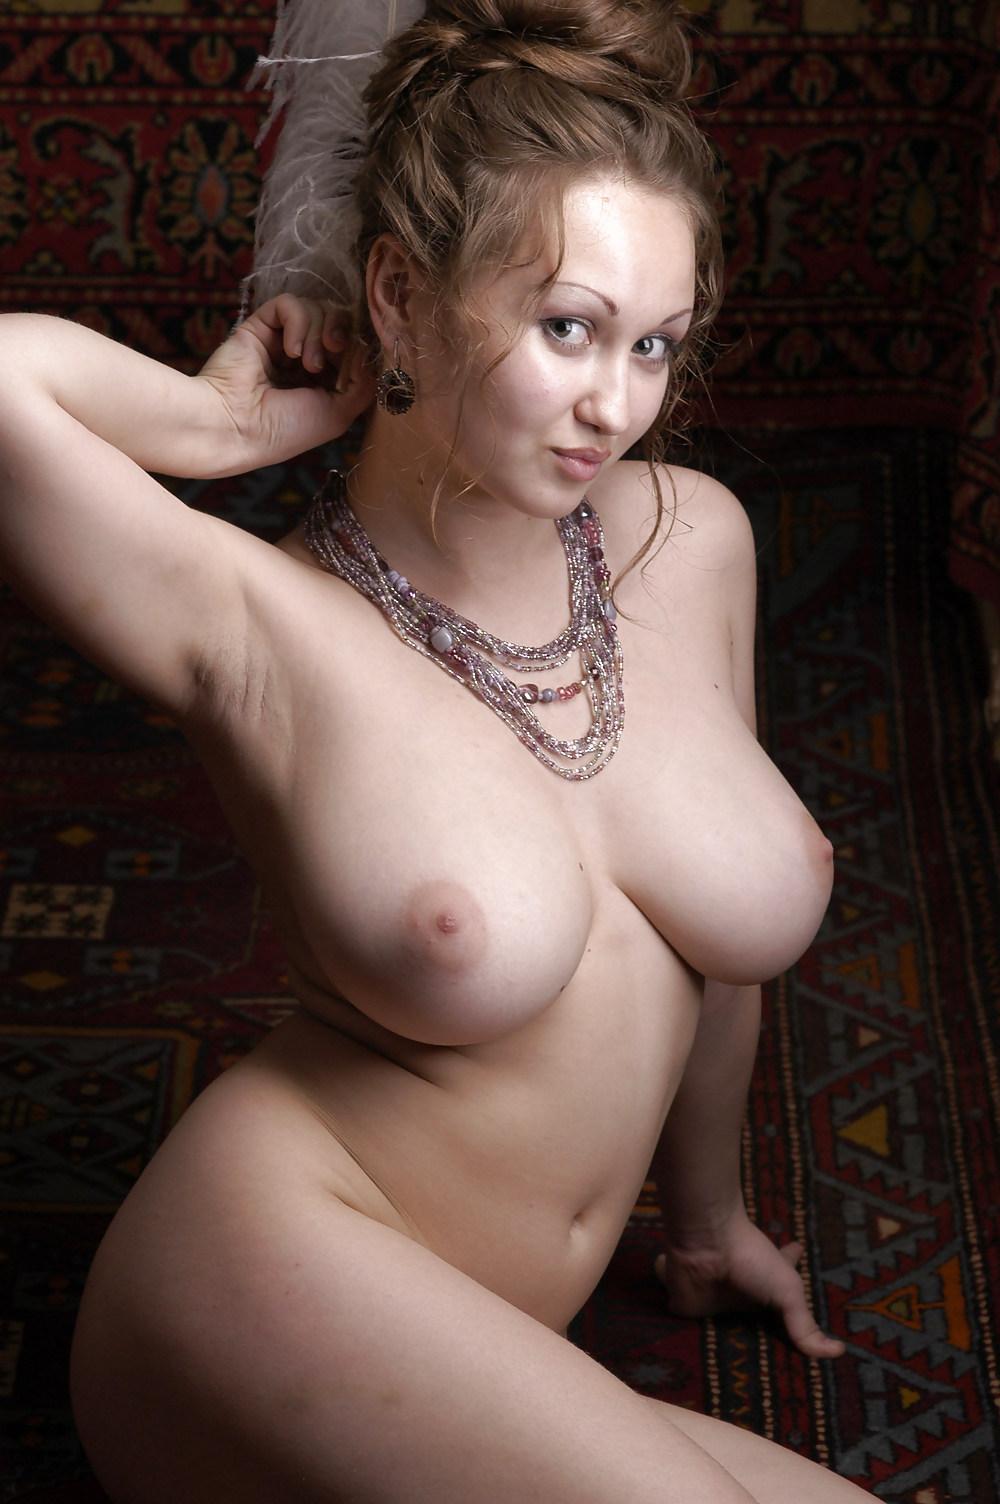 Big Tits 35 - Teen Cunt Public Nudity - 14 Pics  Xhamster-4536